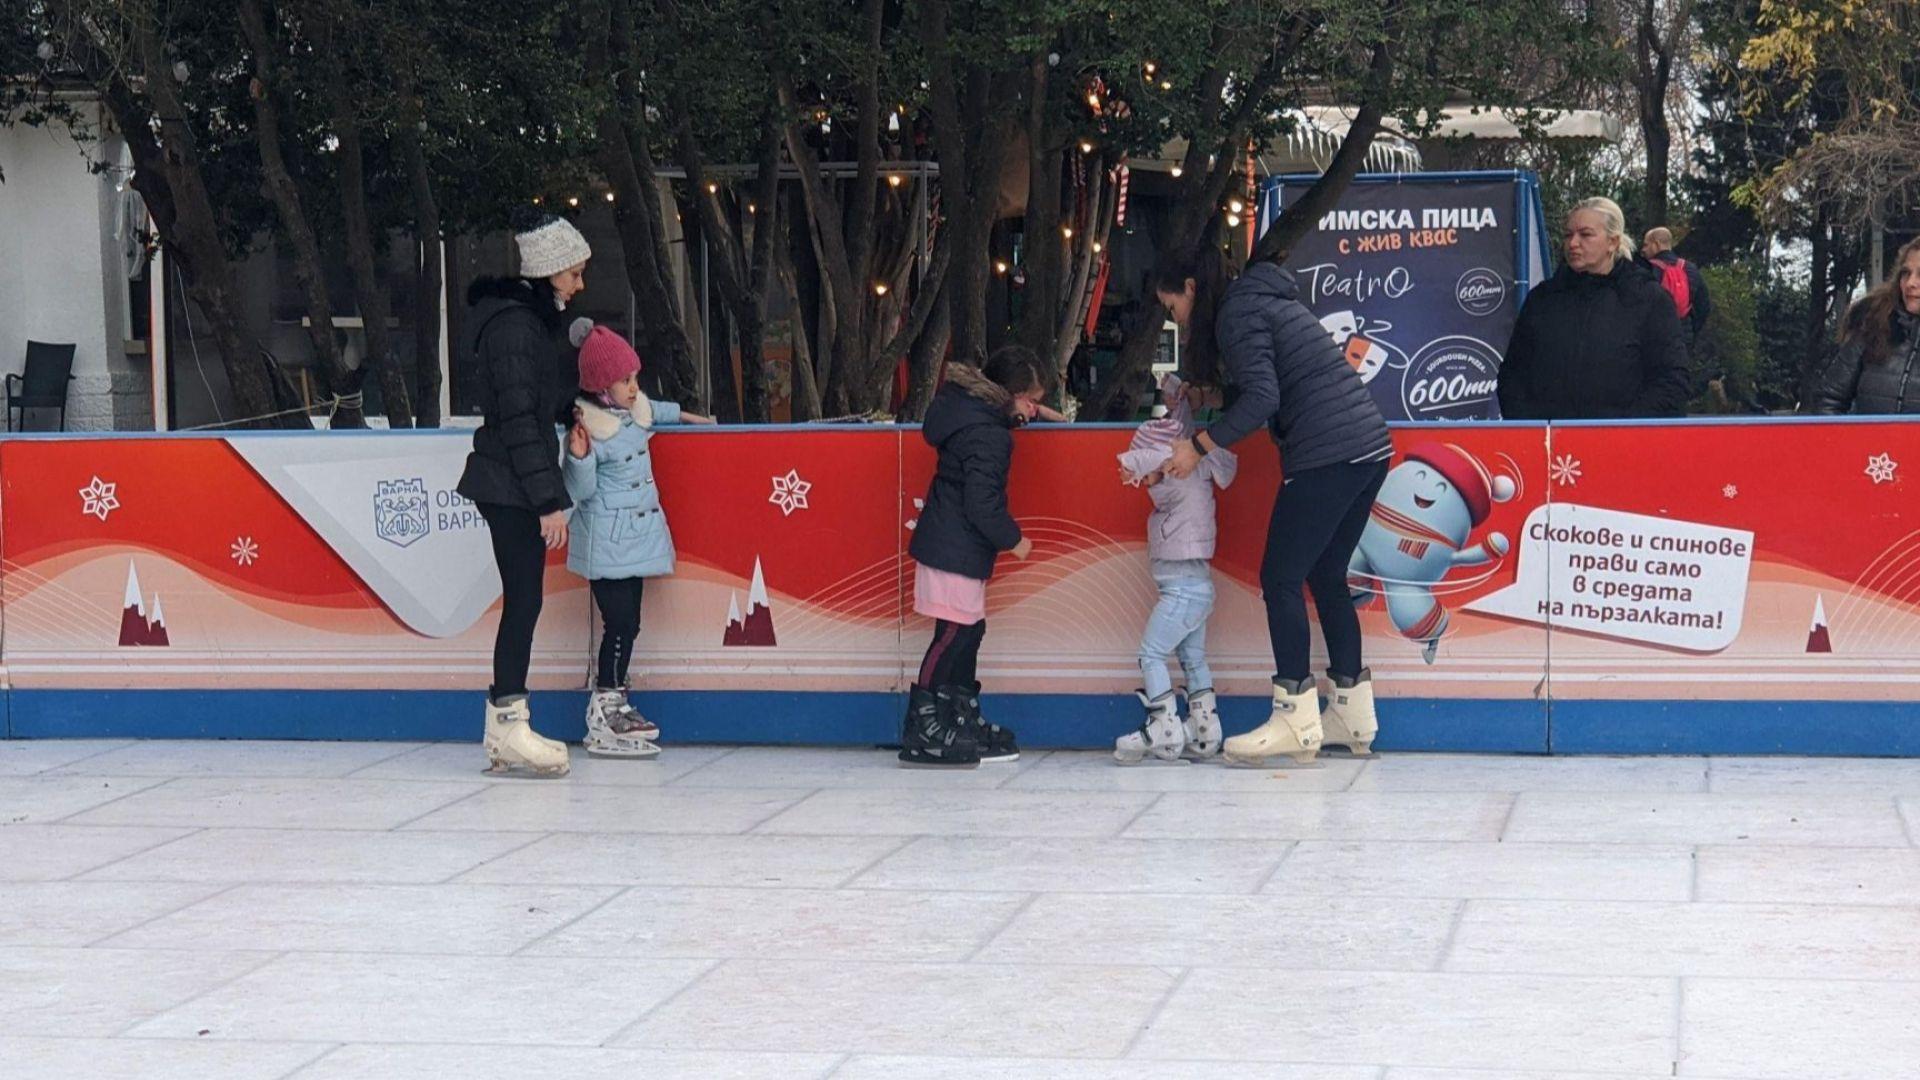 Безплатна пързалка с изкуствен лед зарадва варненци по празниците